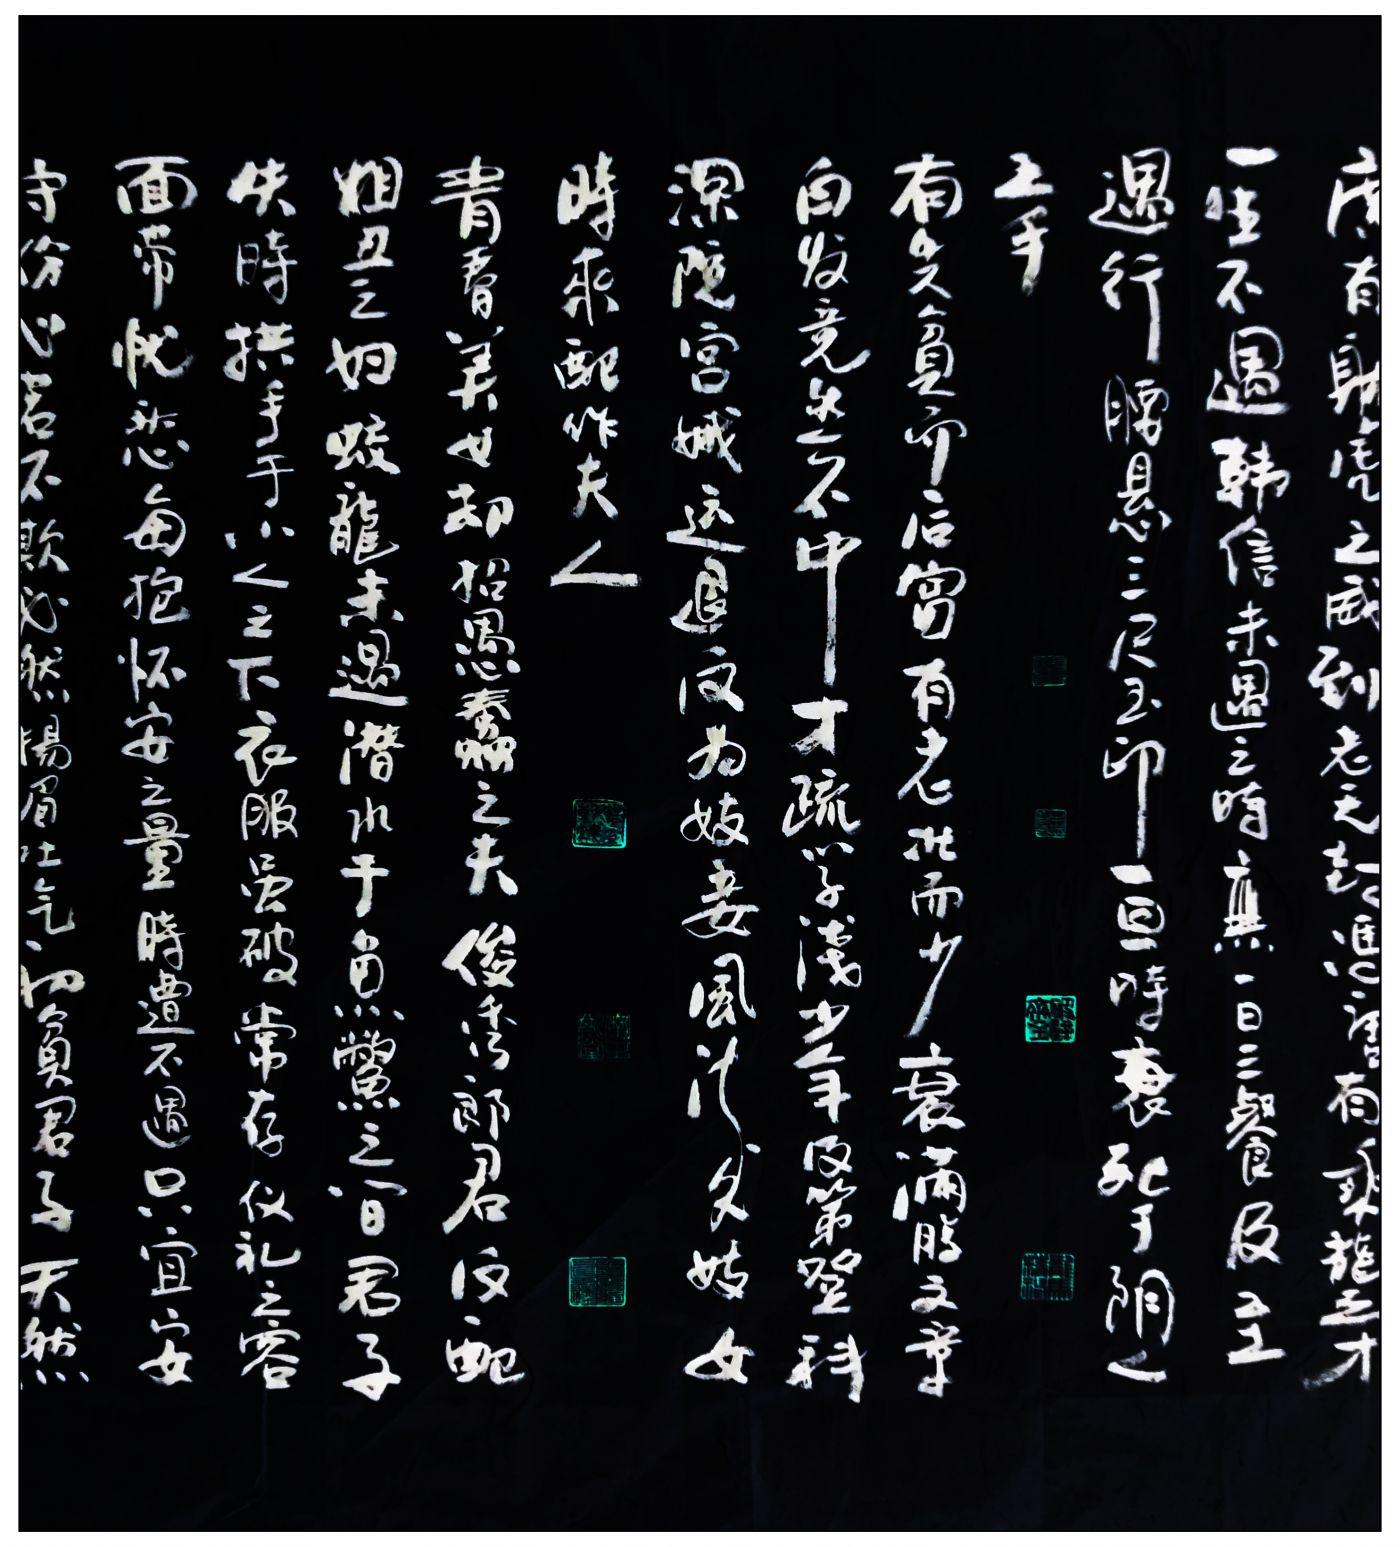 牛志高书法2021.04.16_图1-5